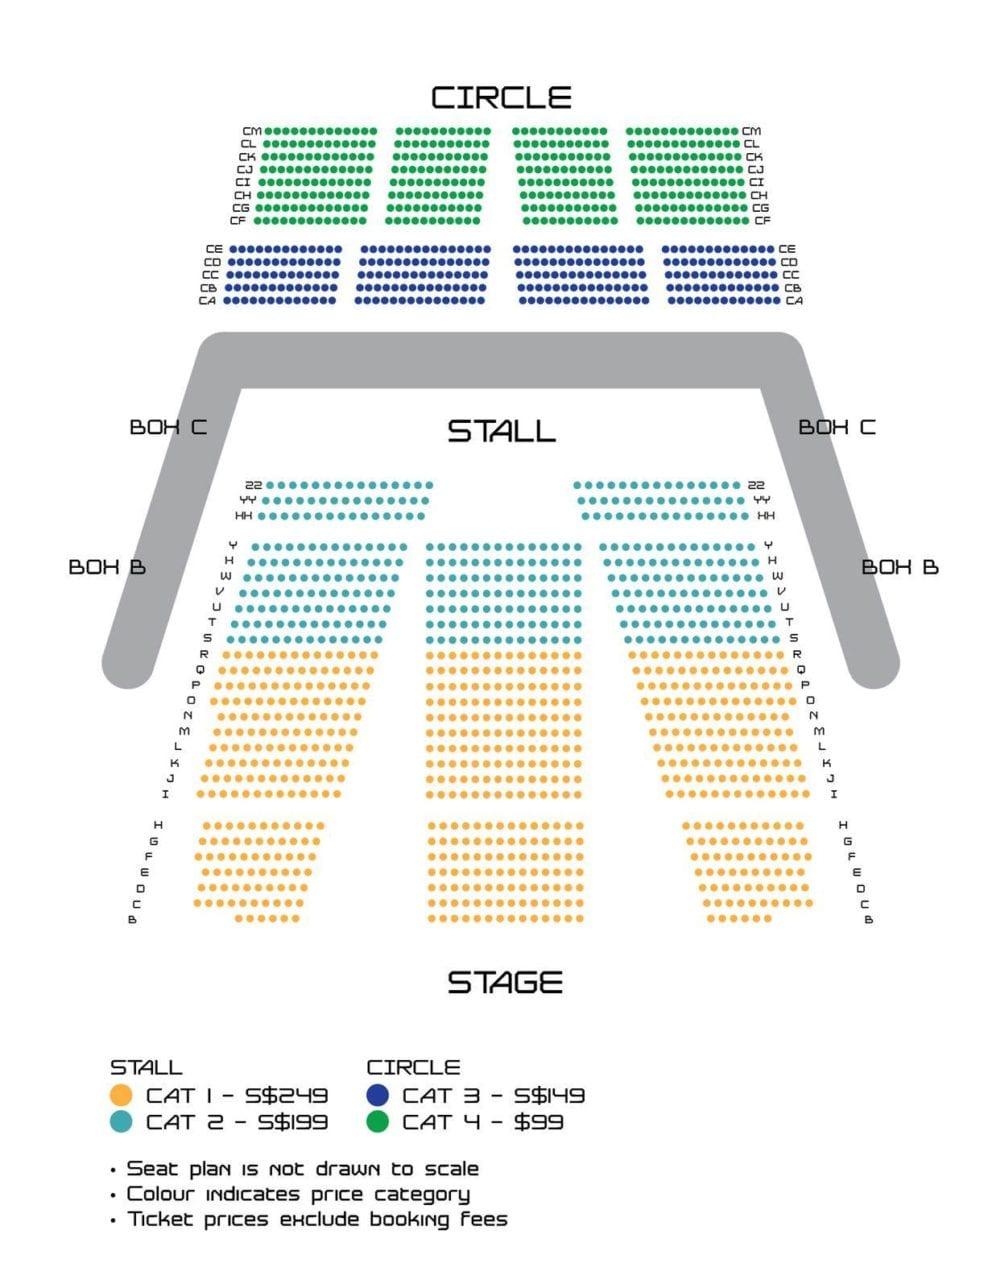 GOT7 Singapore Seating Plan